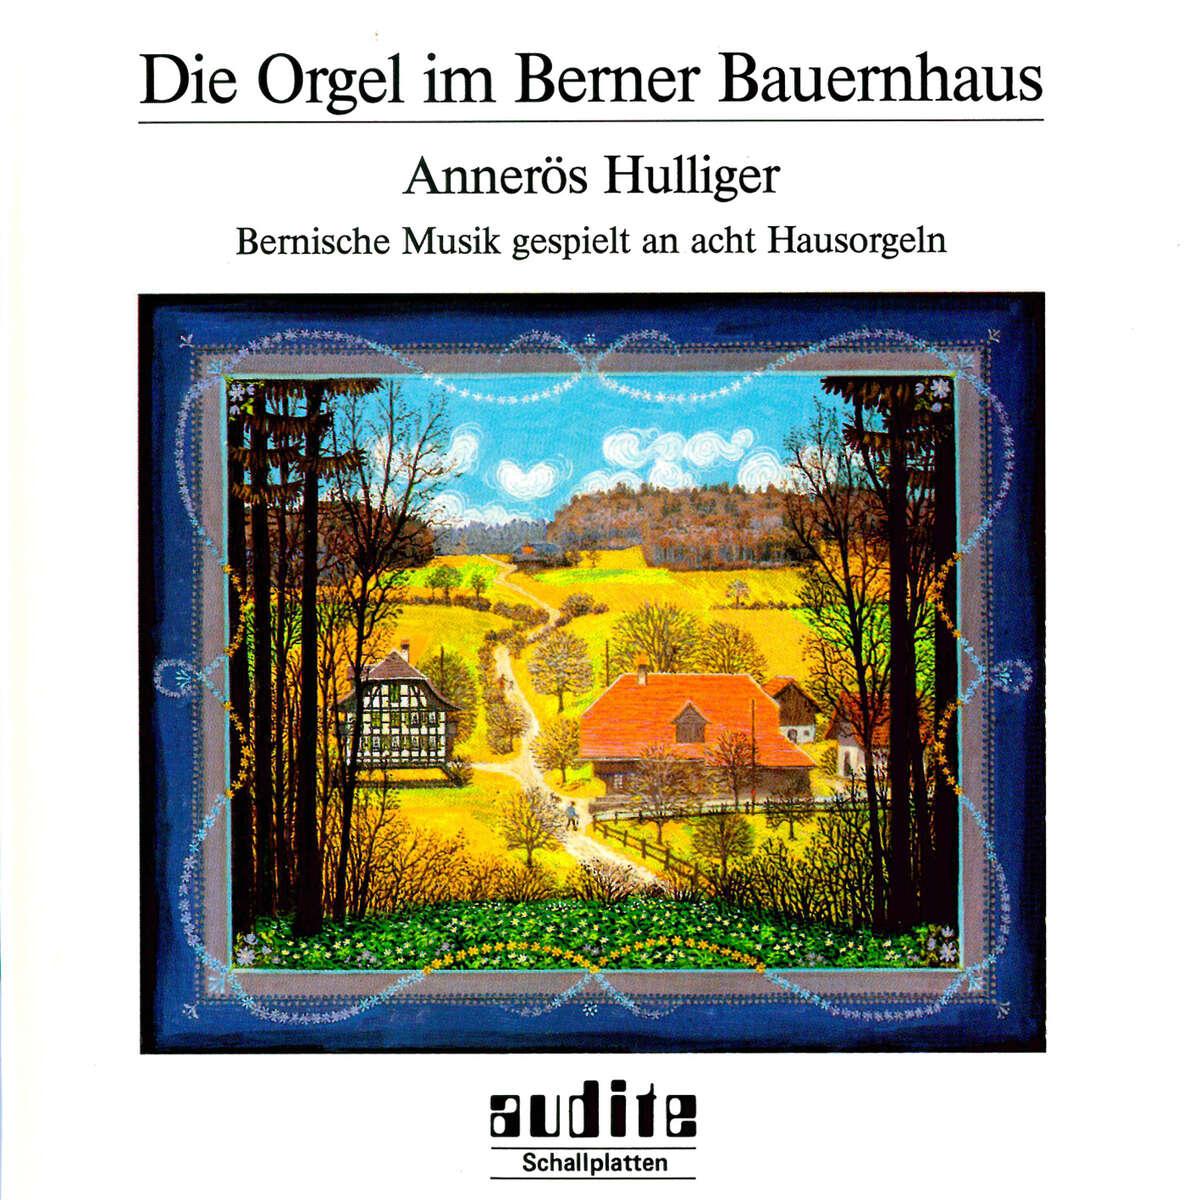 Die Orgel im Berner Bauernhaus